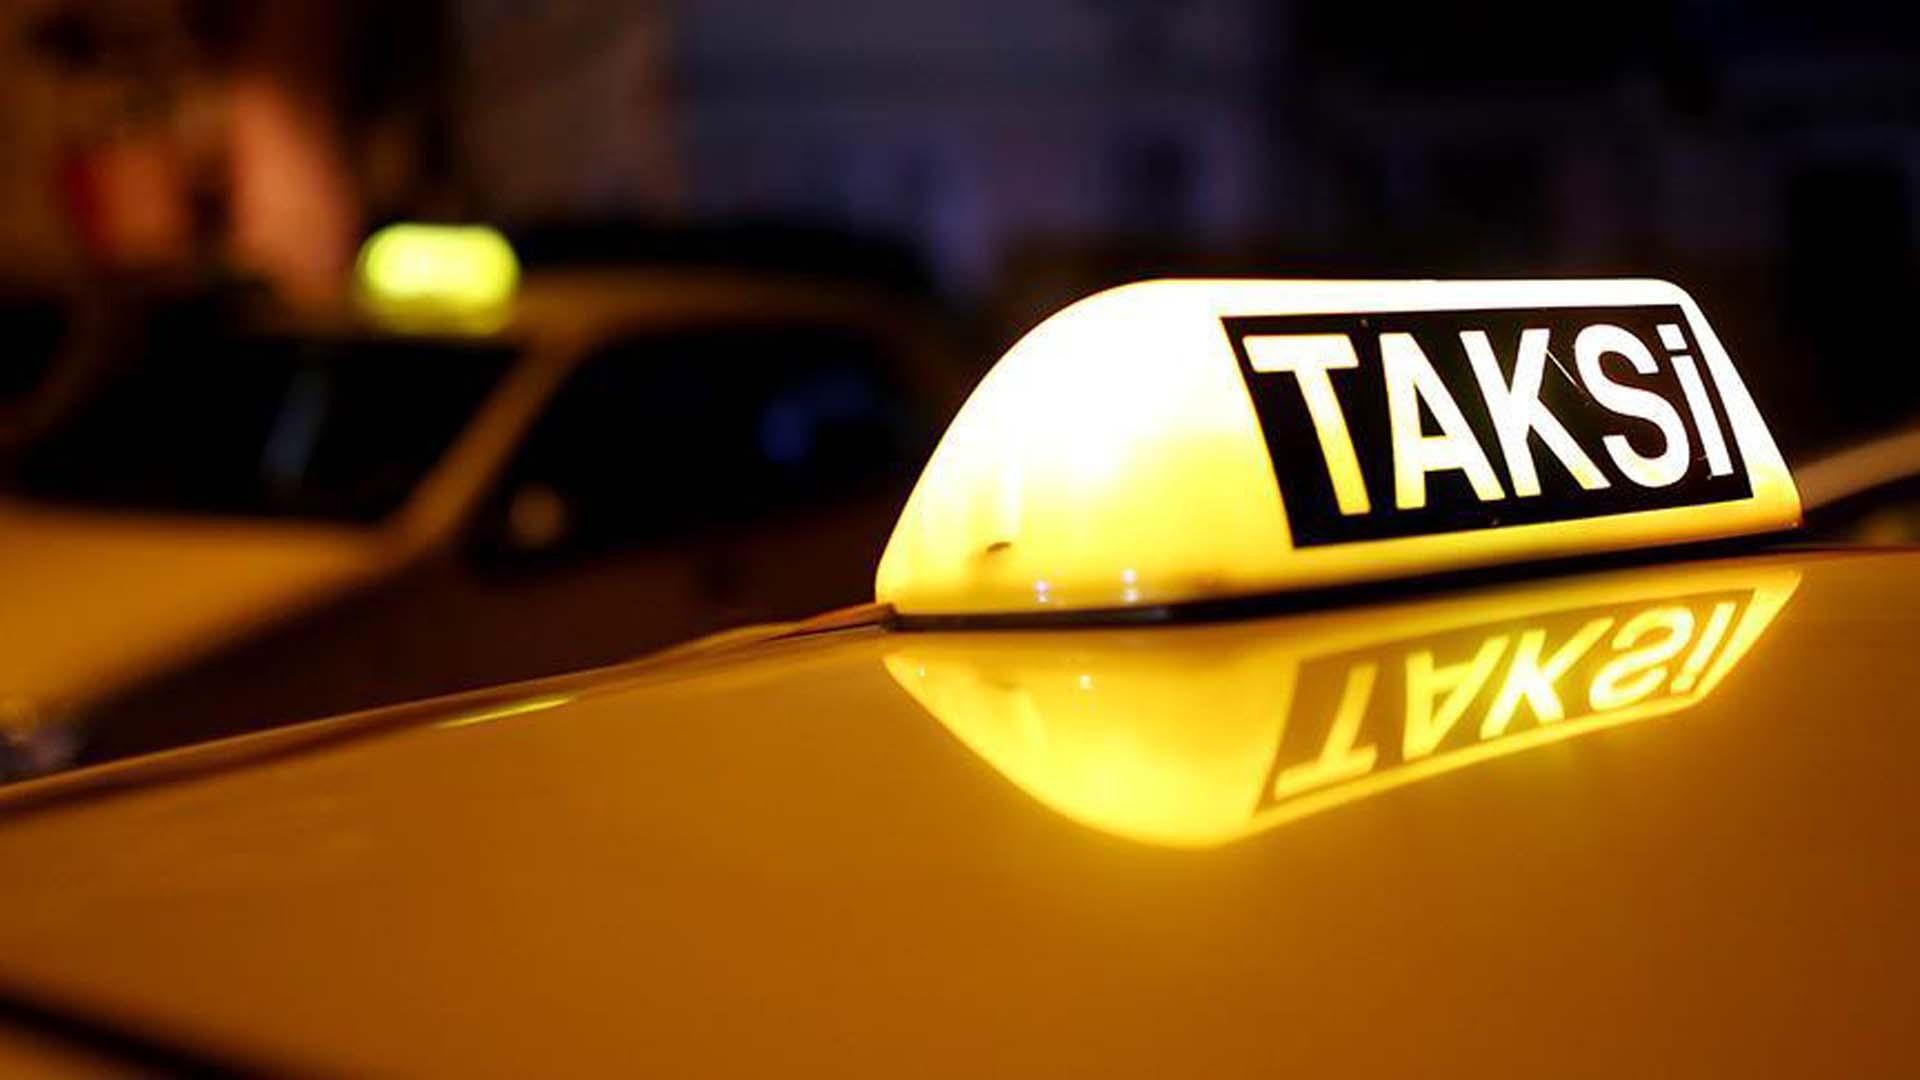 Son dakika  Müşteriyi almayan taksici şimdi yandı! İçişleri Bakanlığından 81 ile Taksi Denetimleri genelgesi: Trafikten men de dahil olmak üzere işlem yapılacak